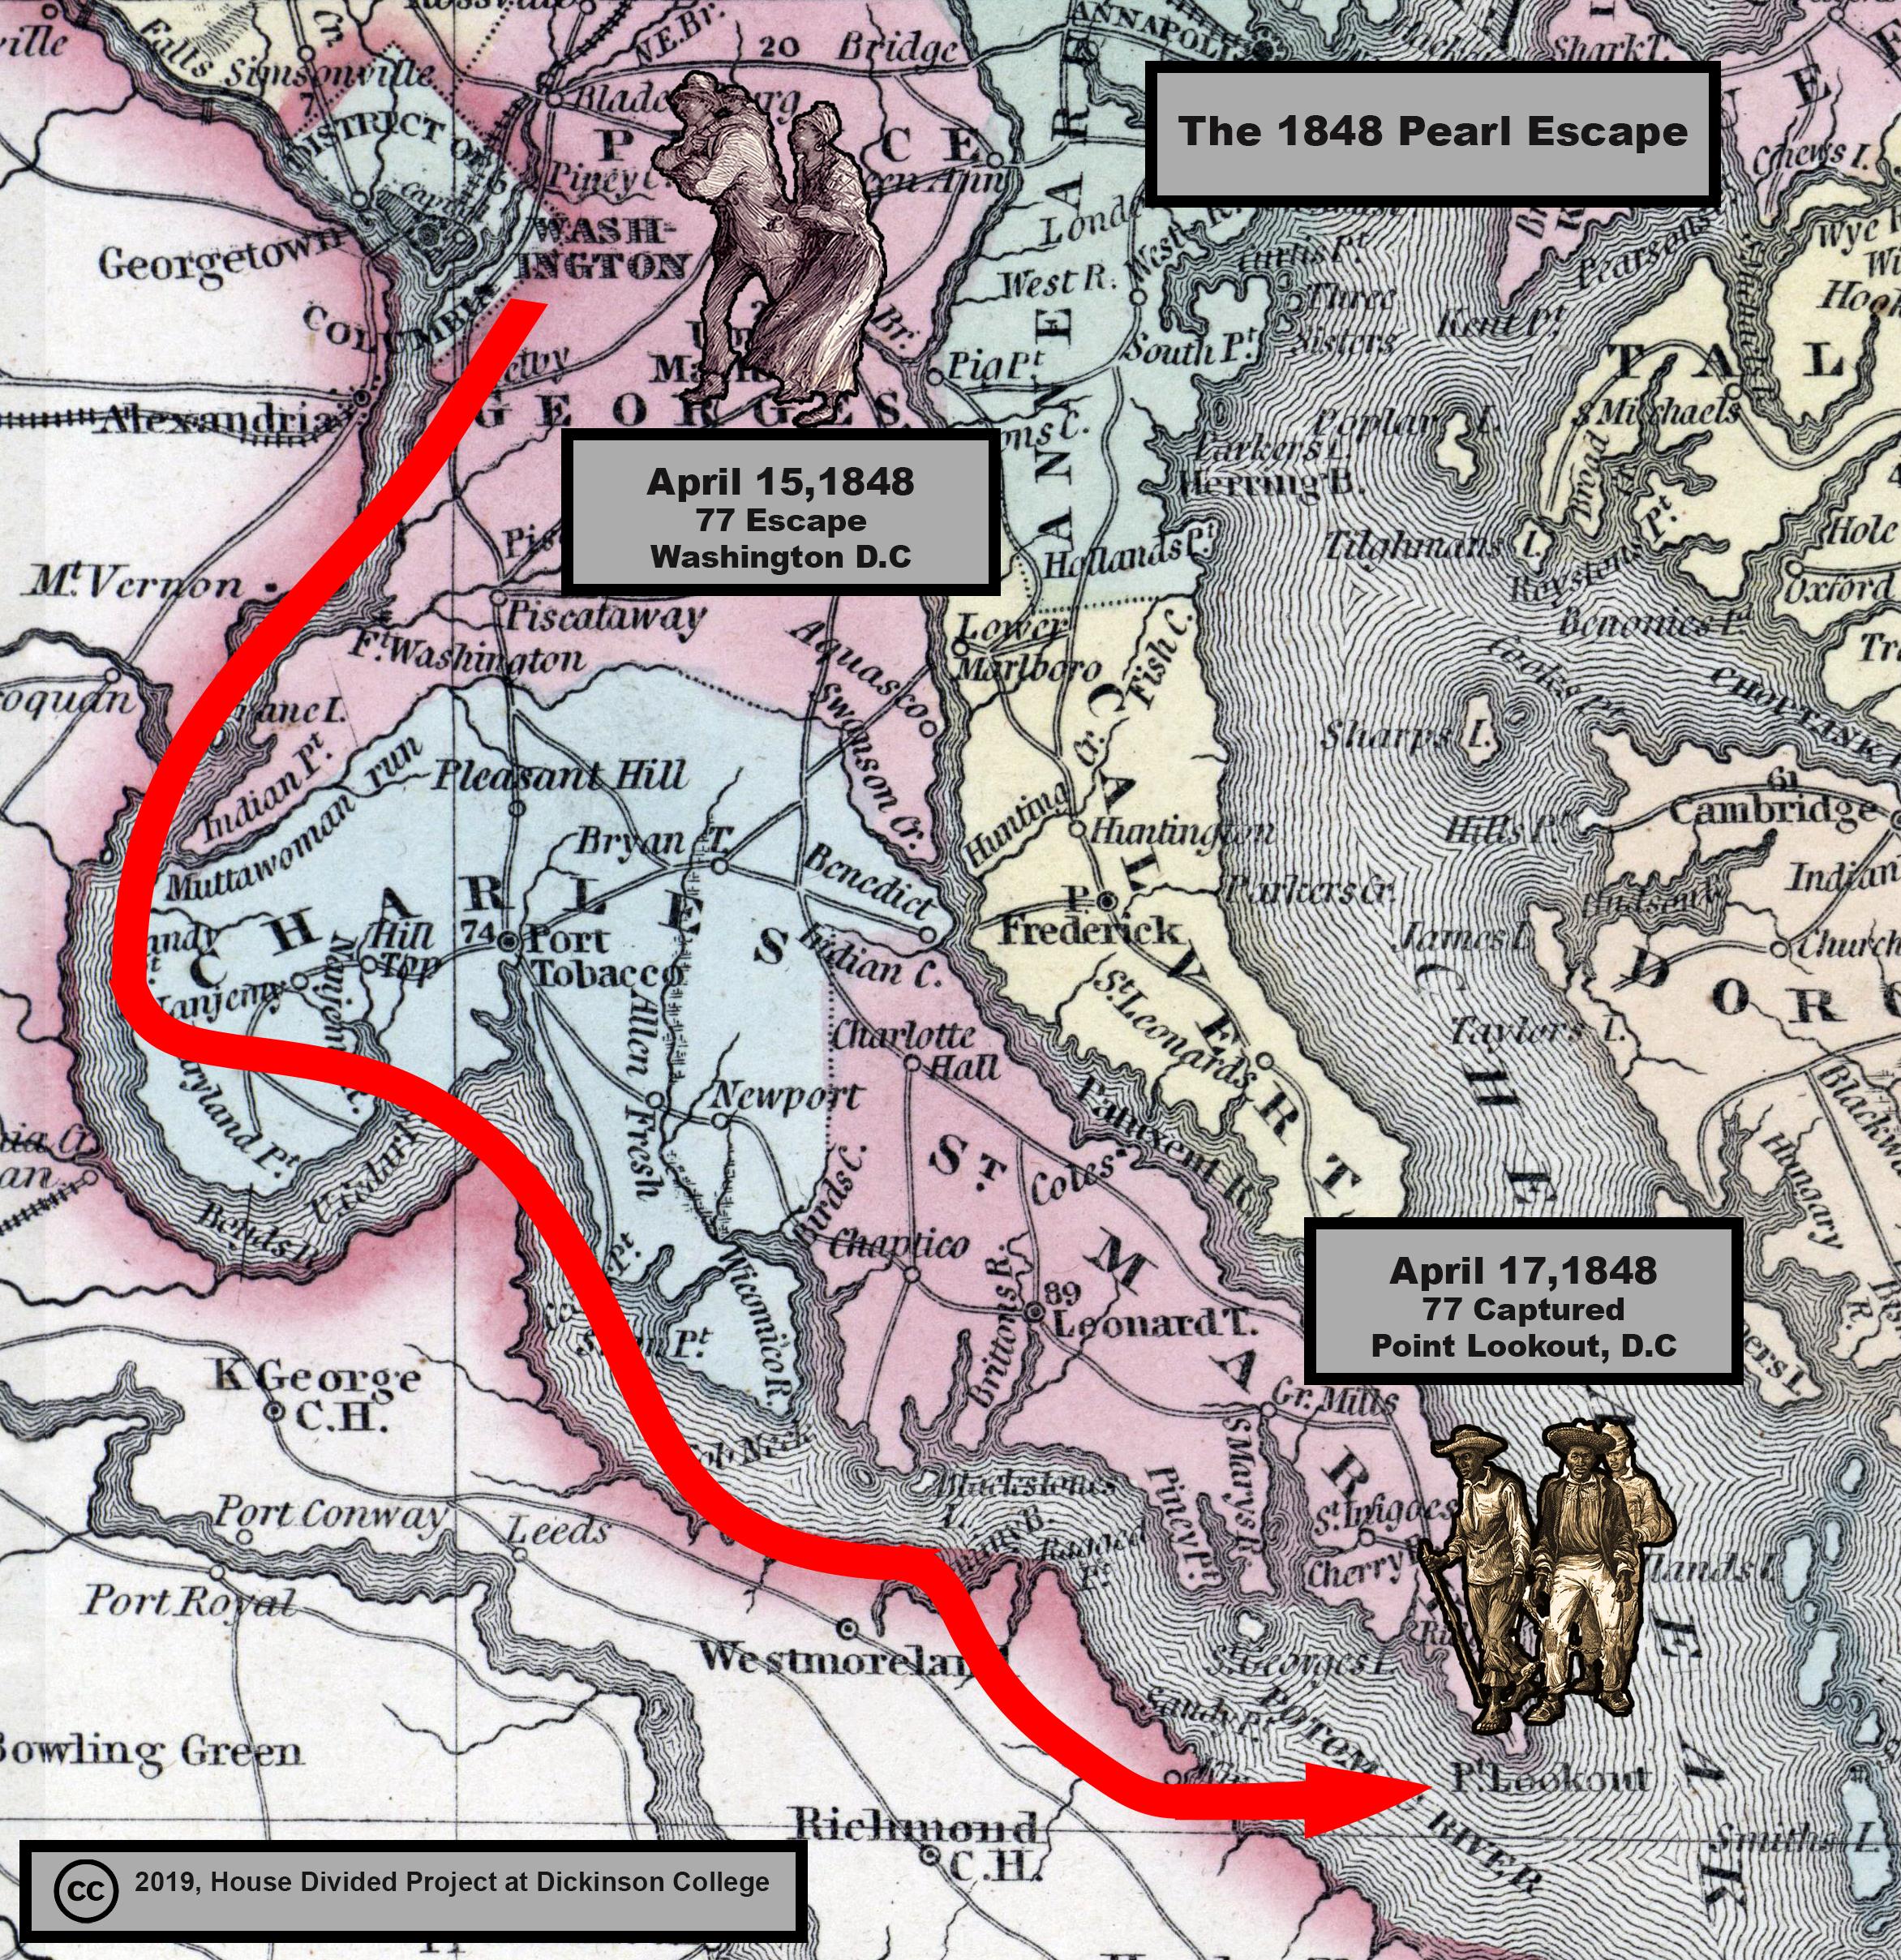 Pearl Escape Map